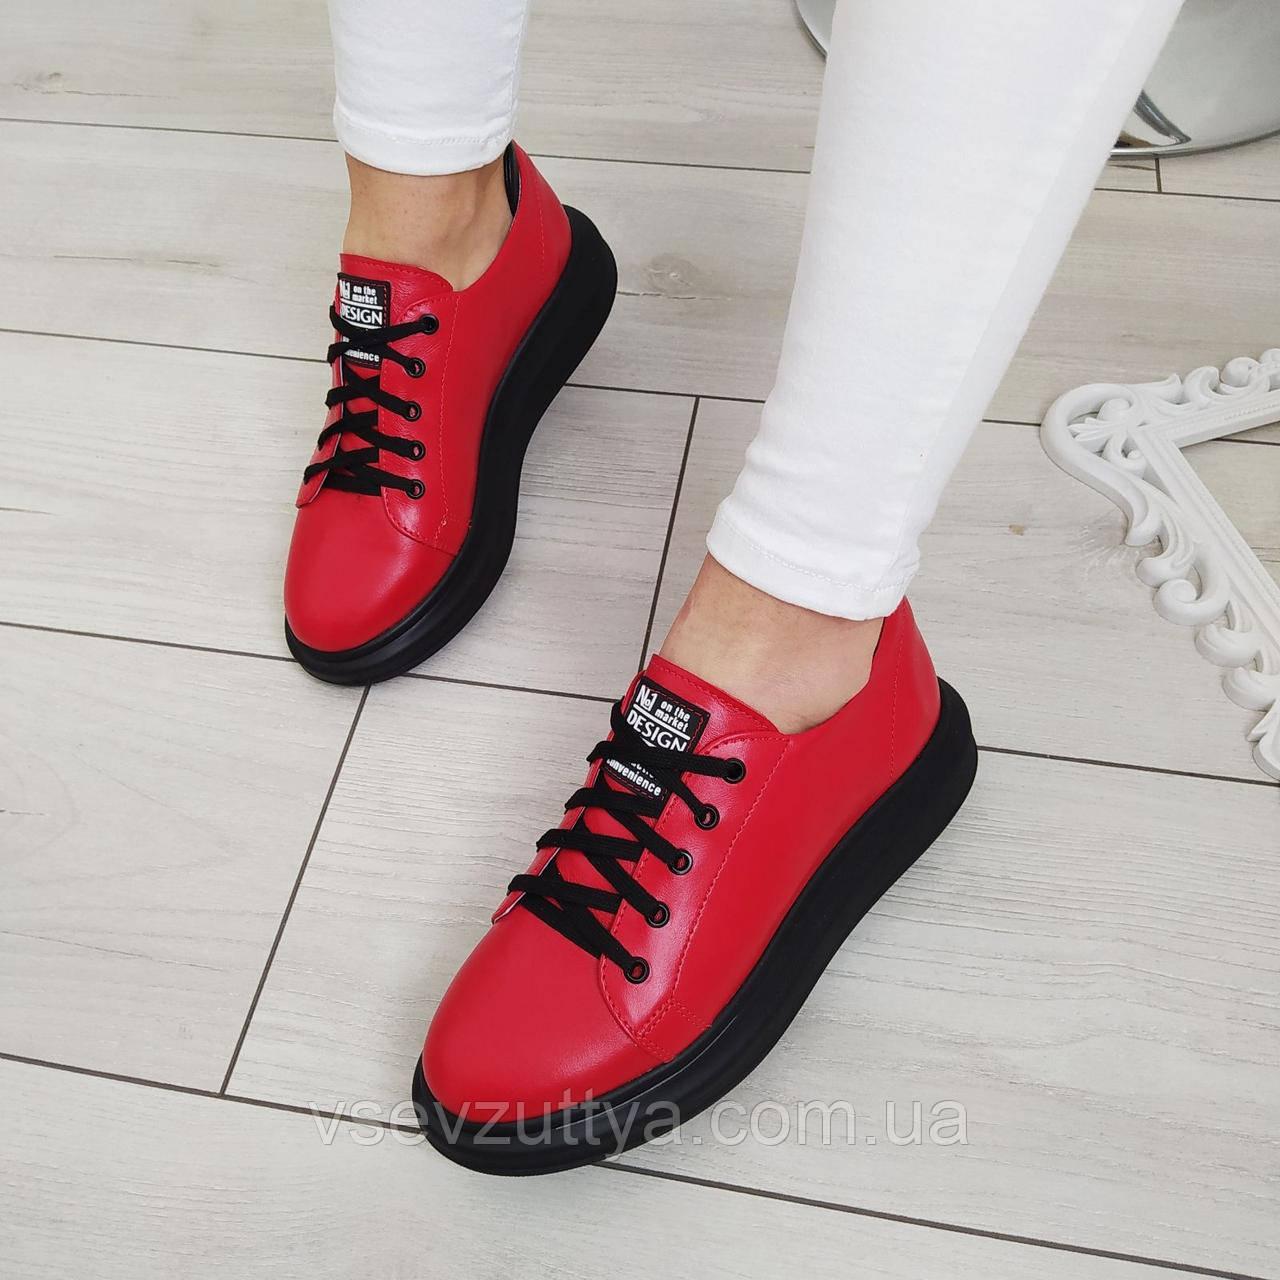 Кросівки жіночі шкіряні червоні